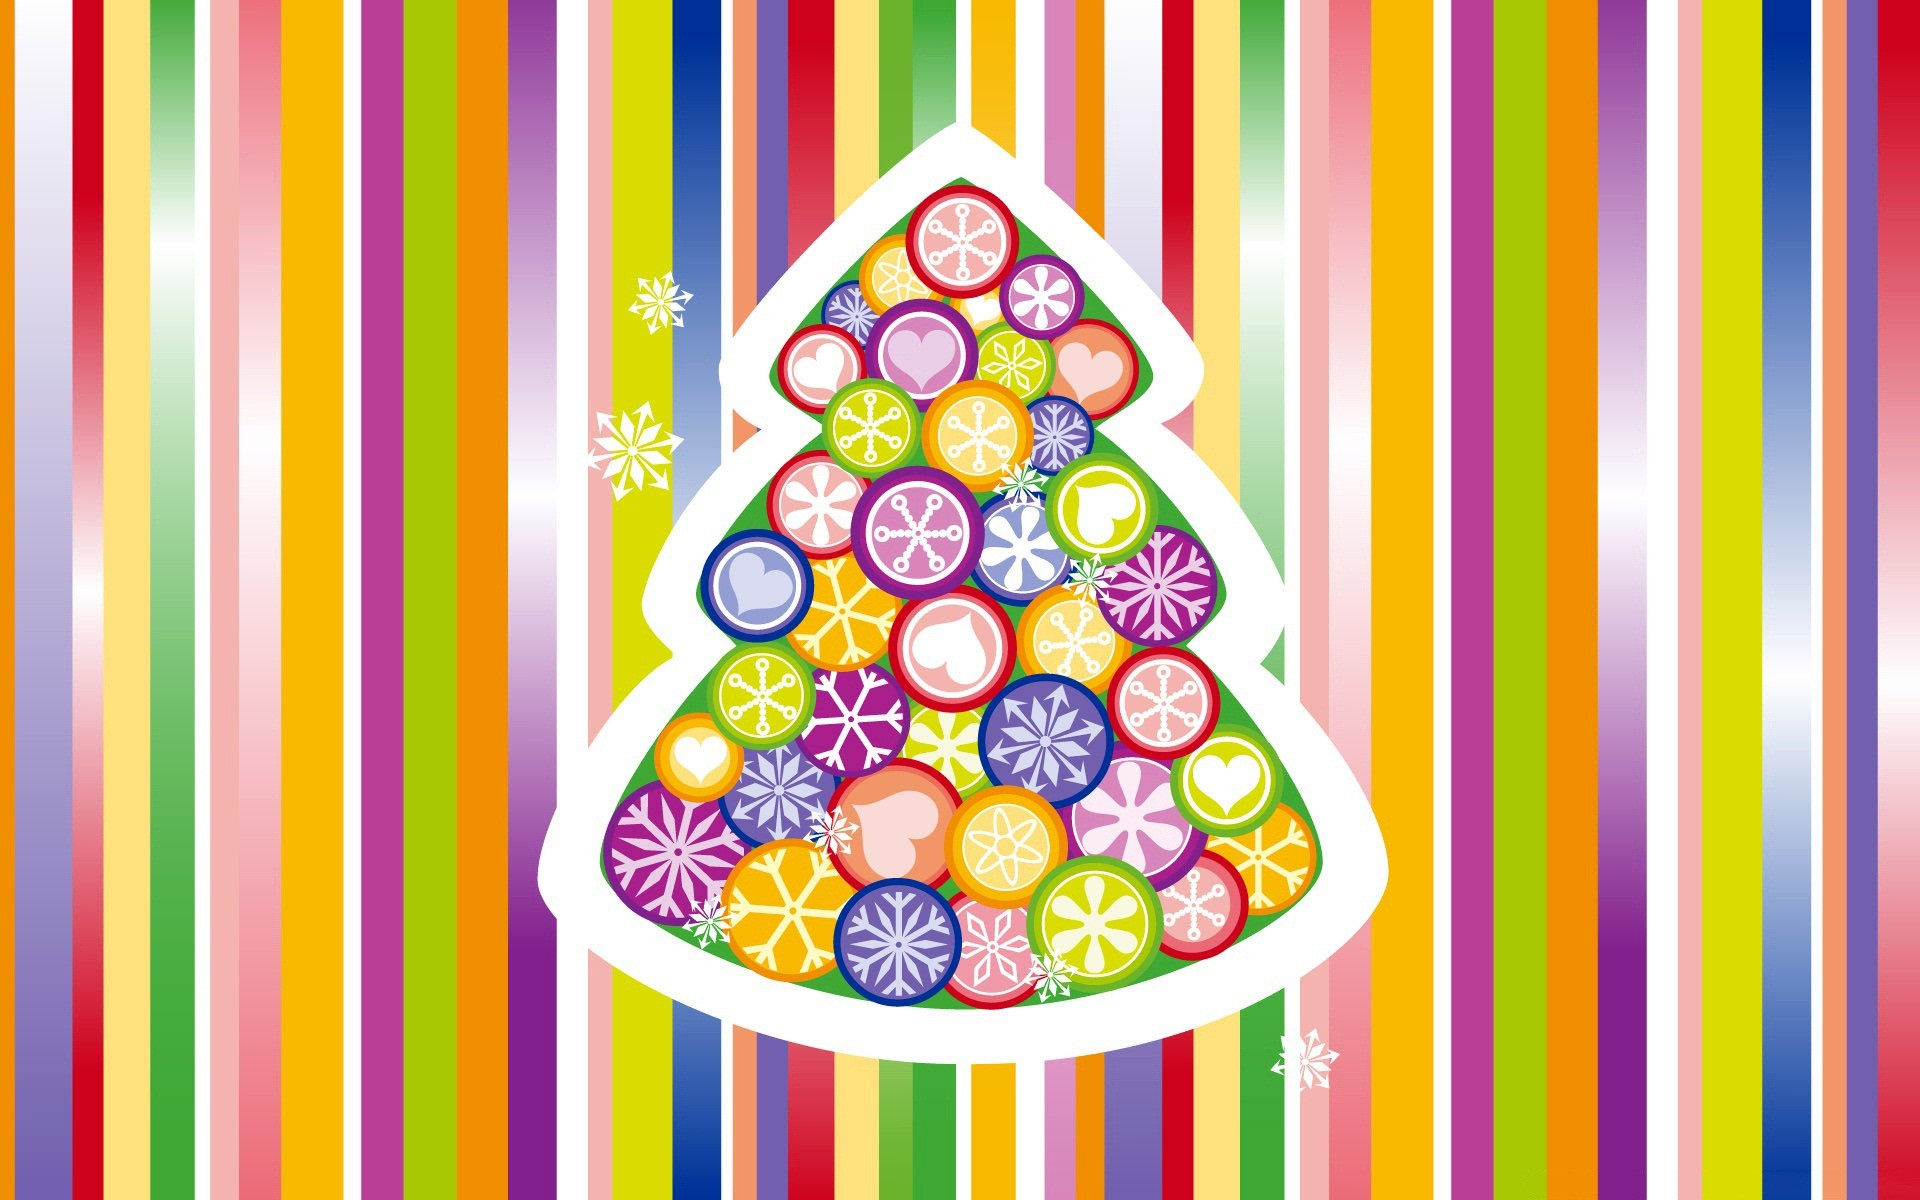 Arbol de navidad multicolor - 1920x1200